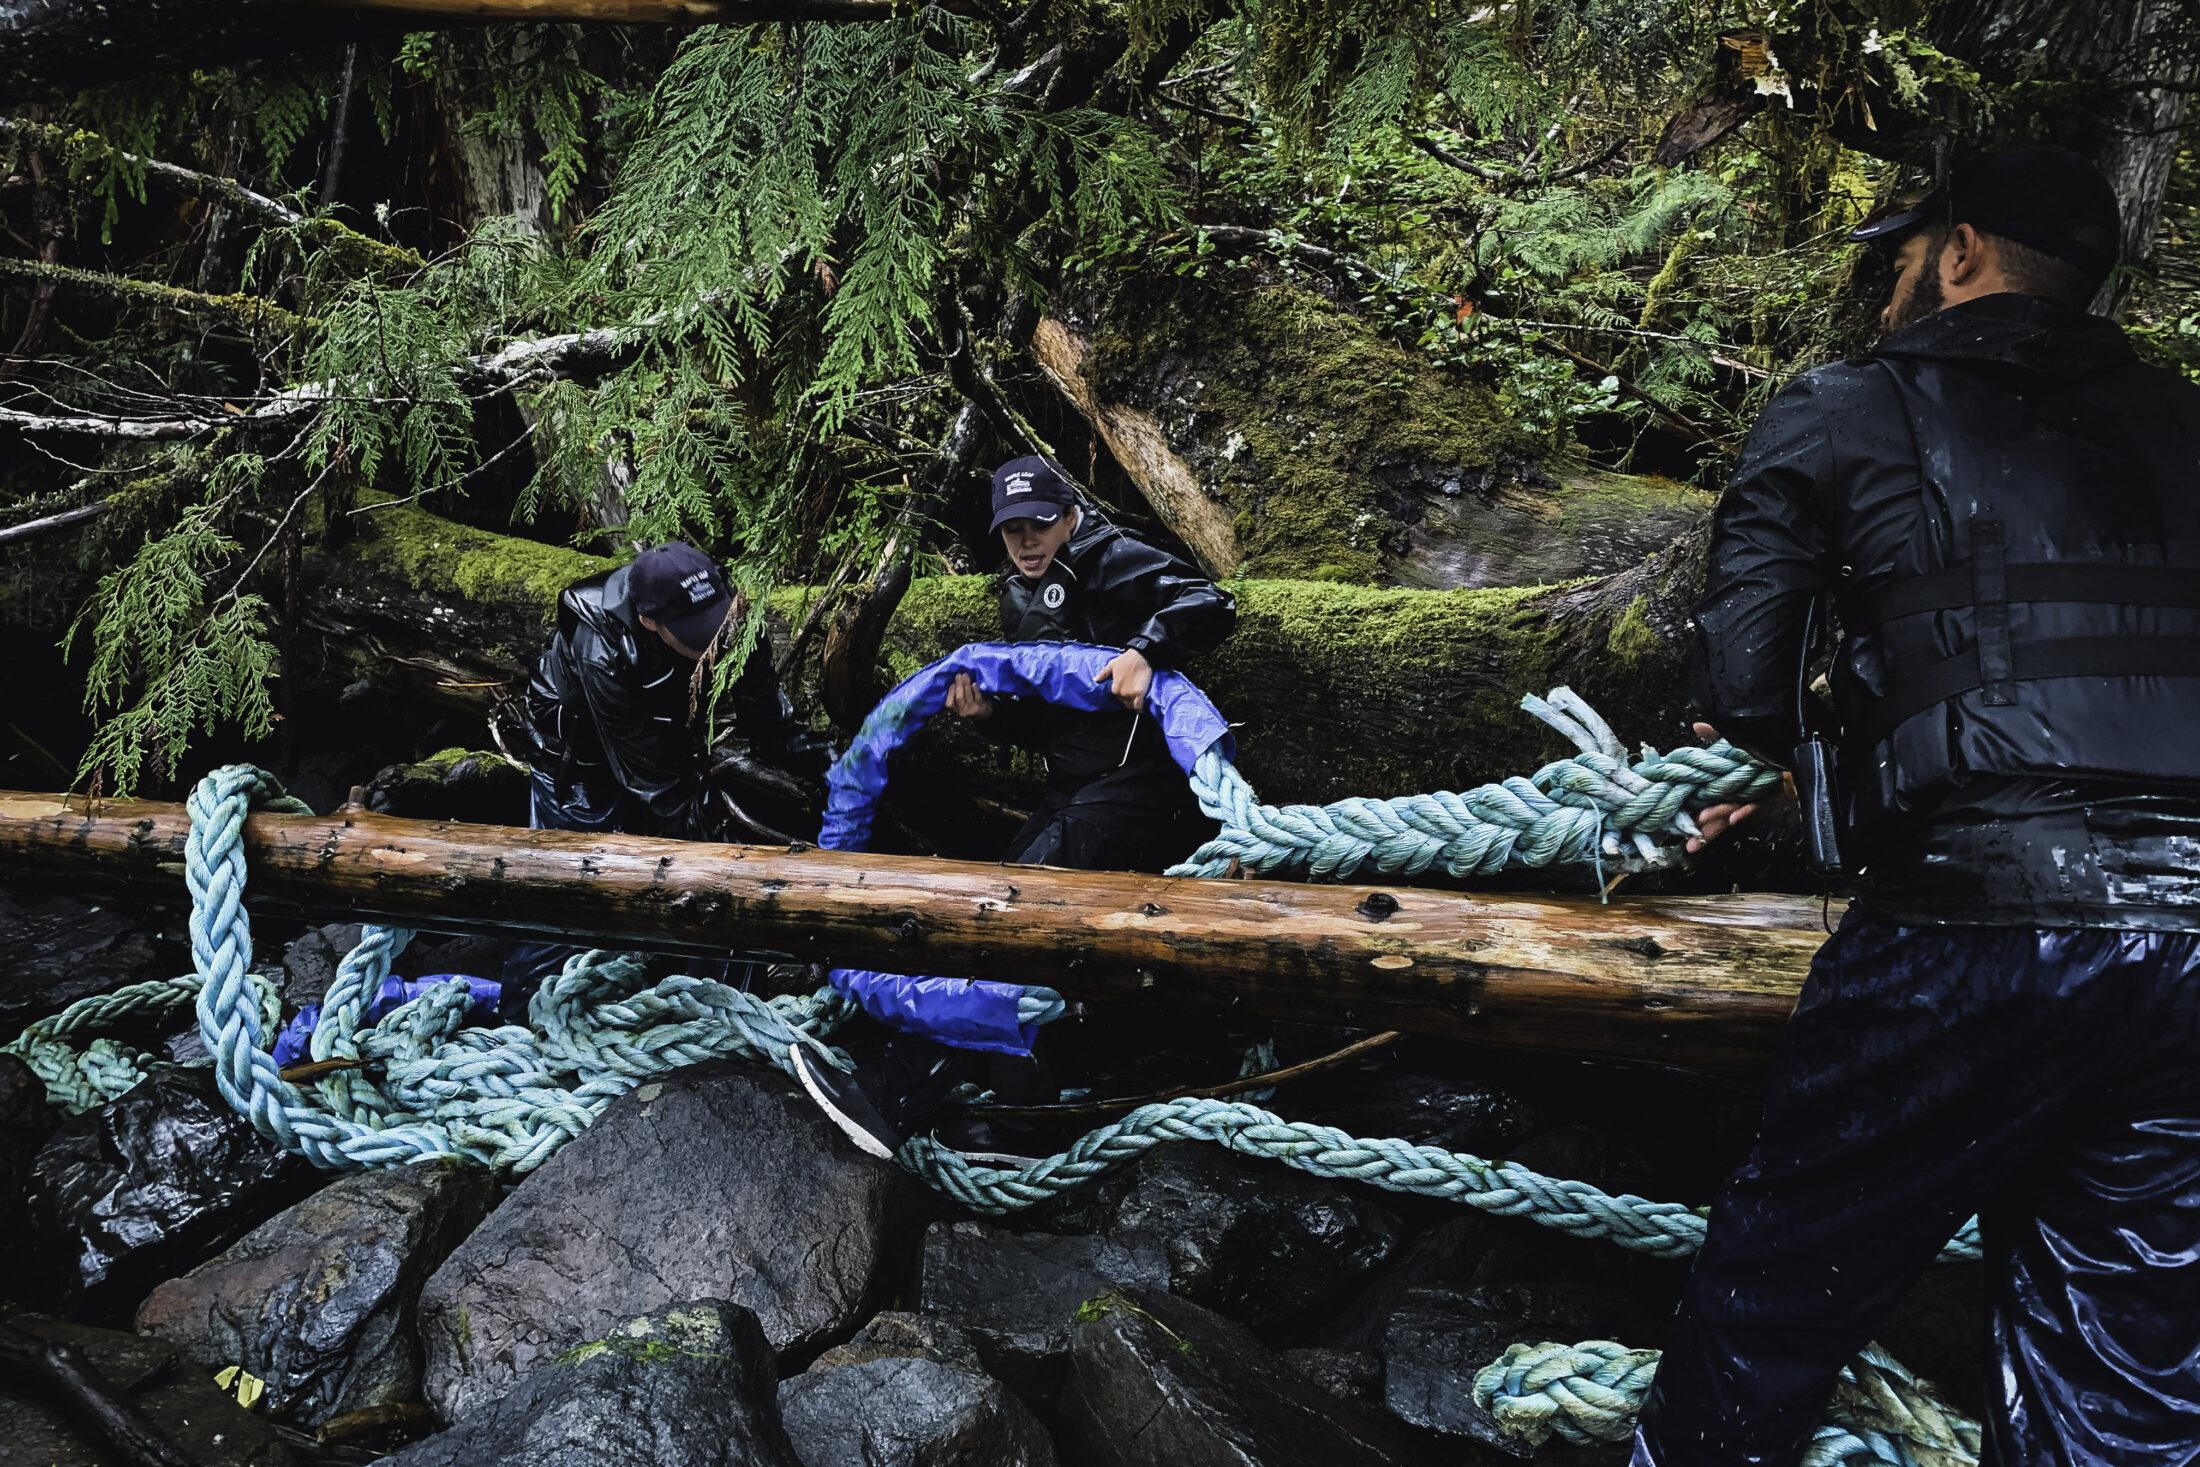 Rope on log, Clean Coast, Clean Waters Initiative